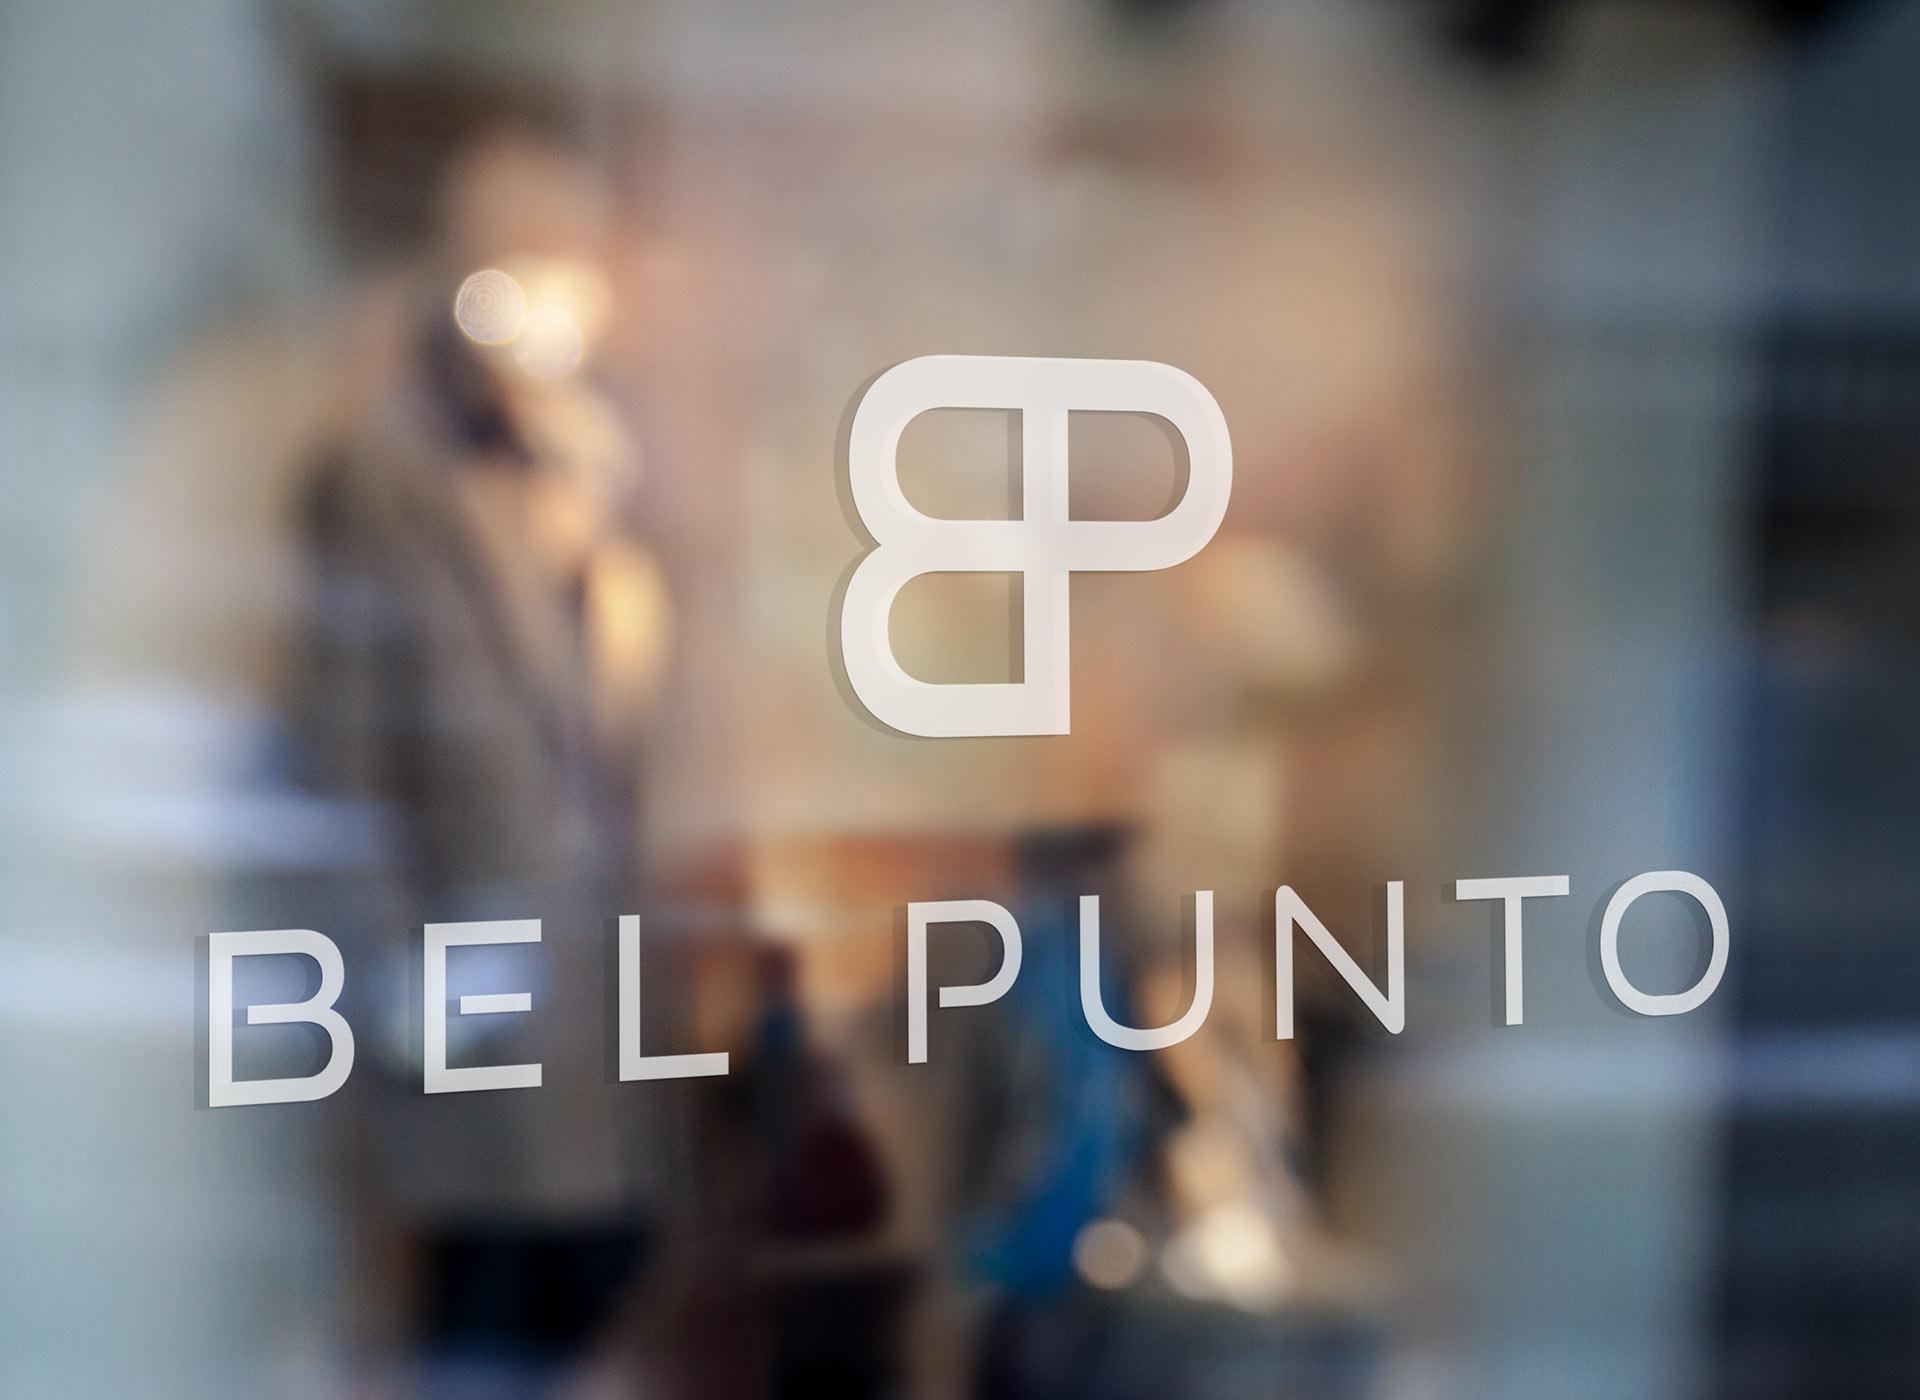 bel punto logo glass